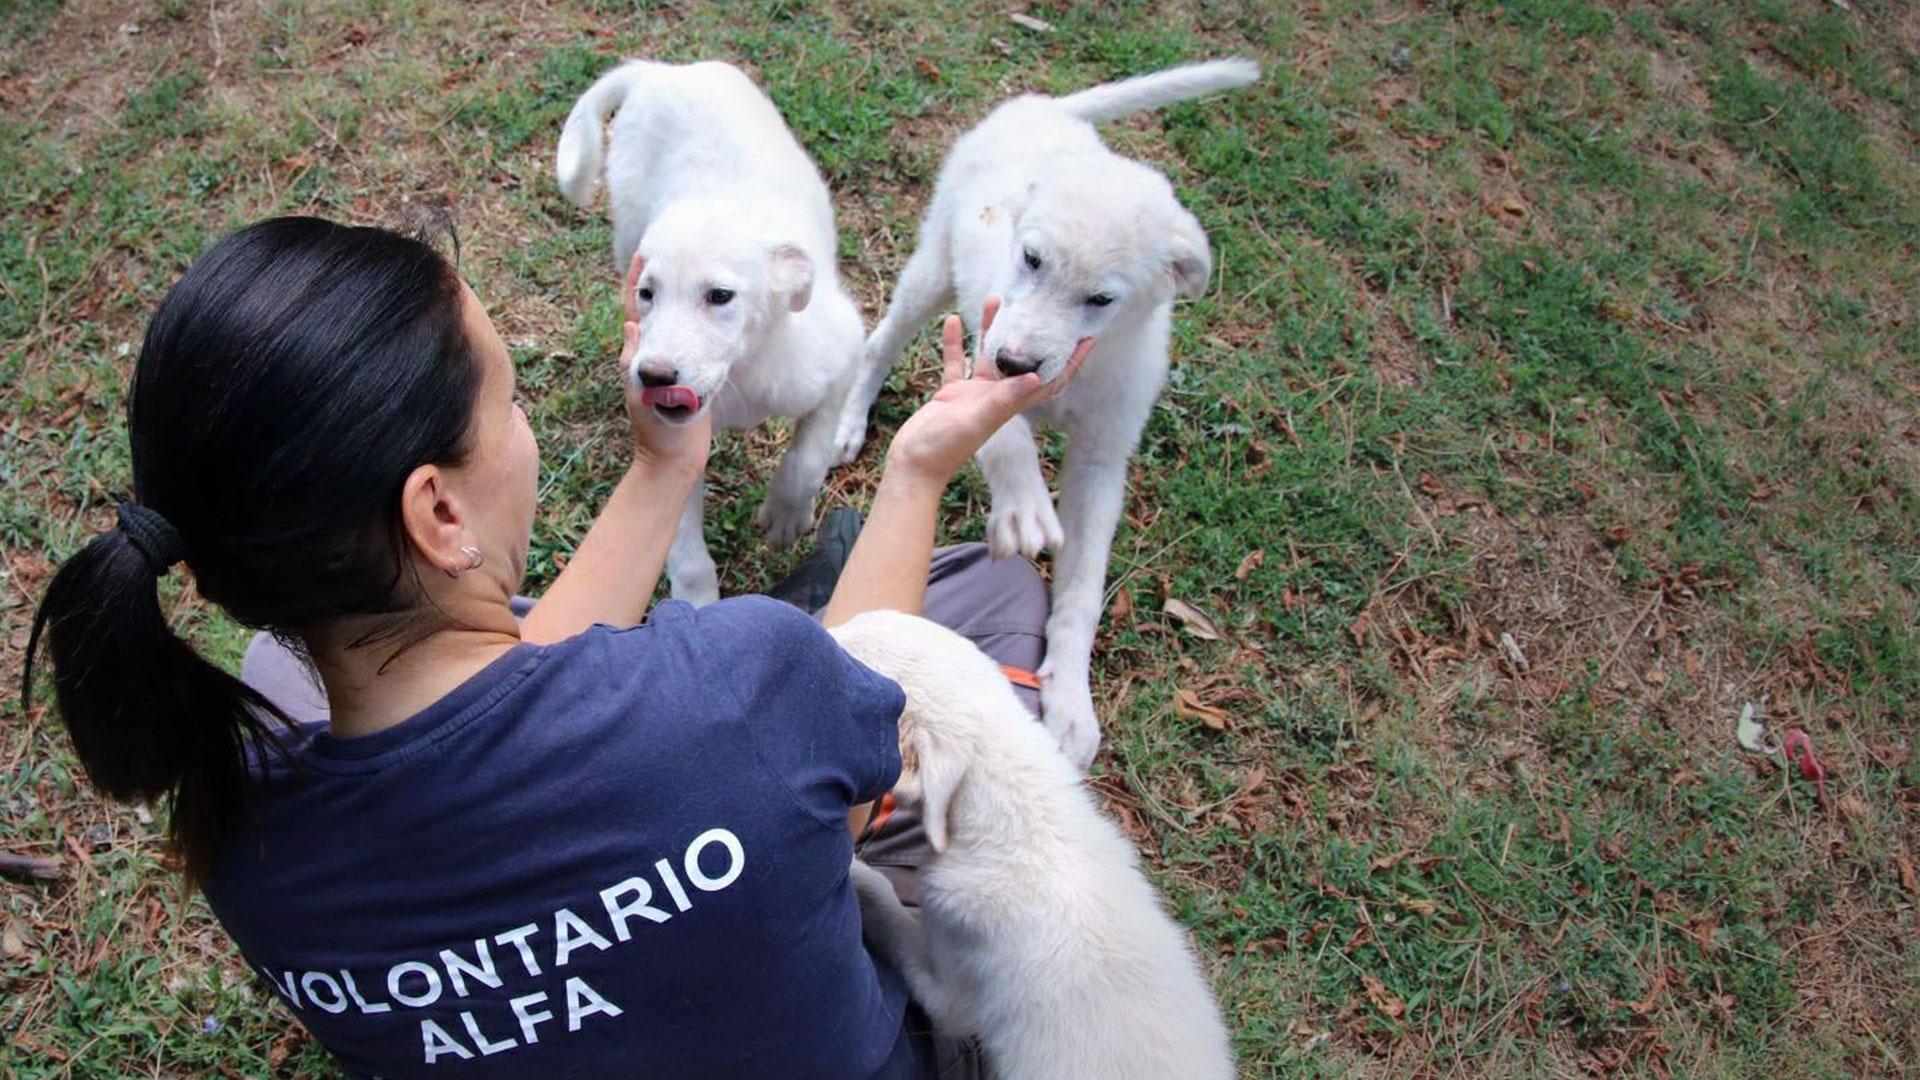 Volontariato Associazione Animali